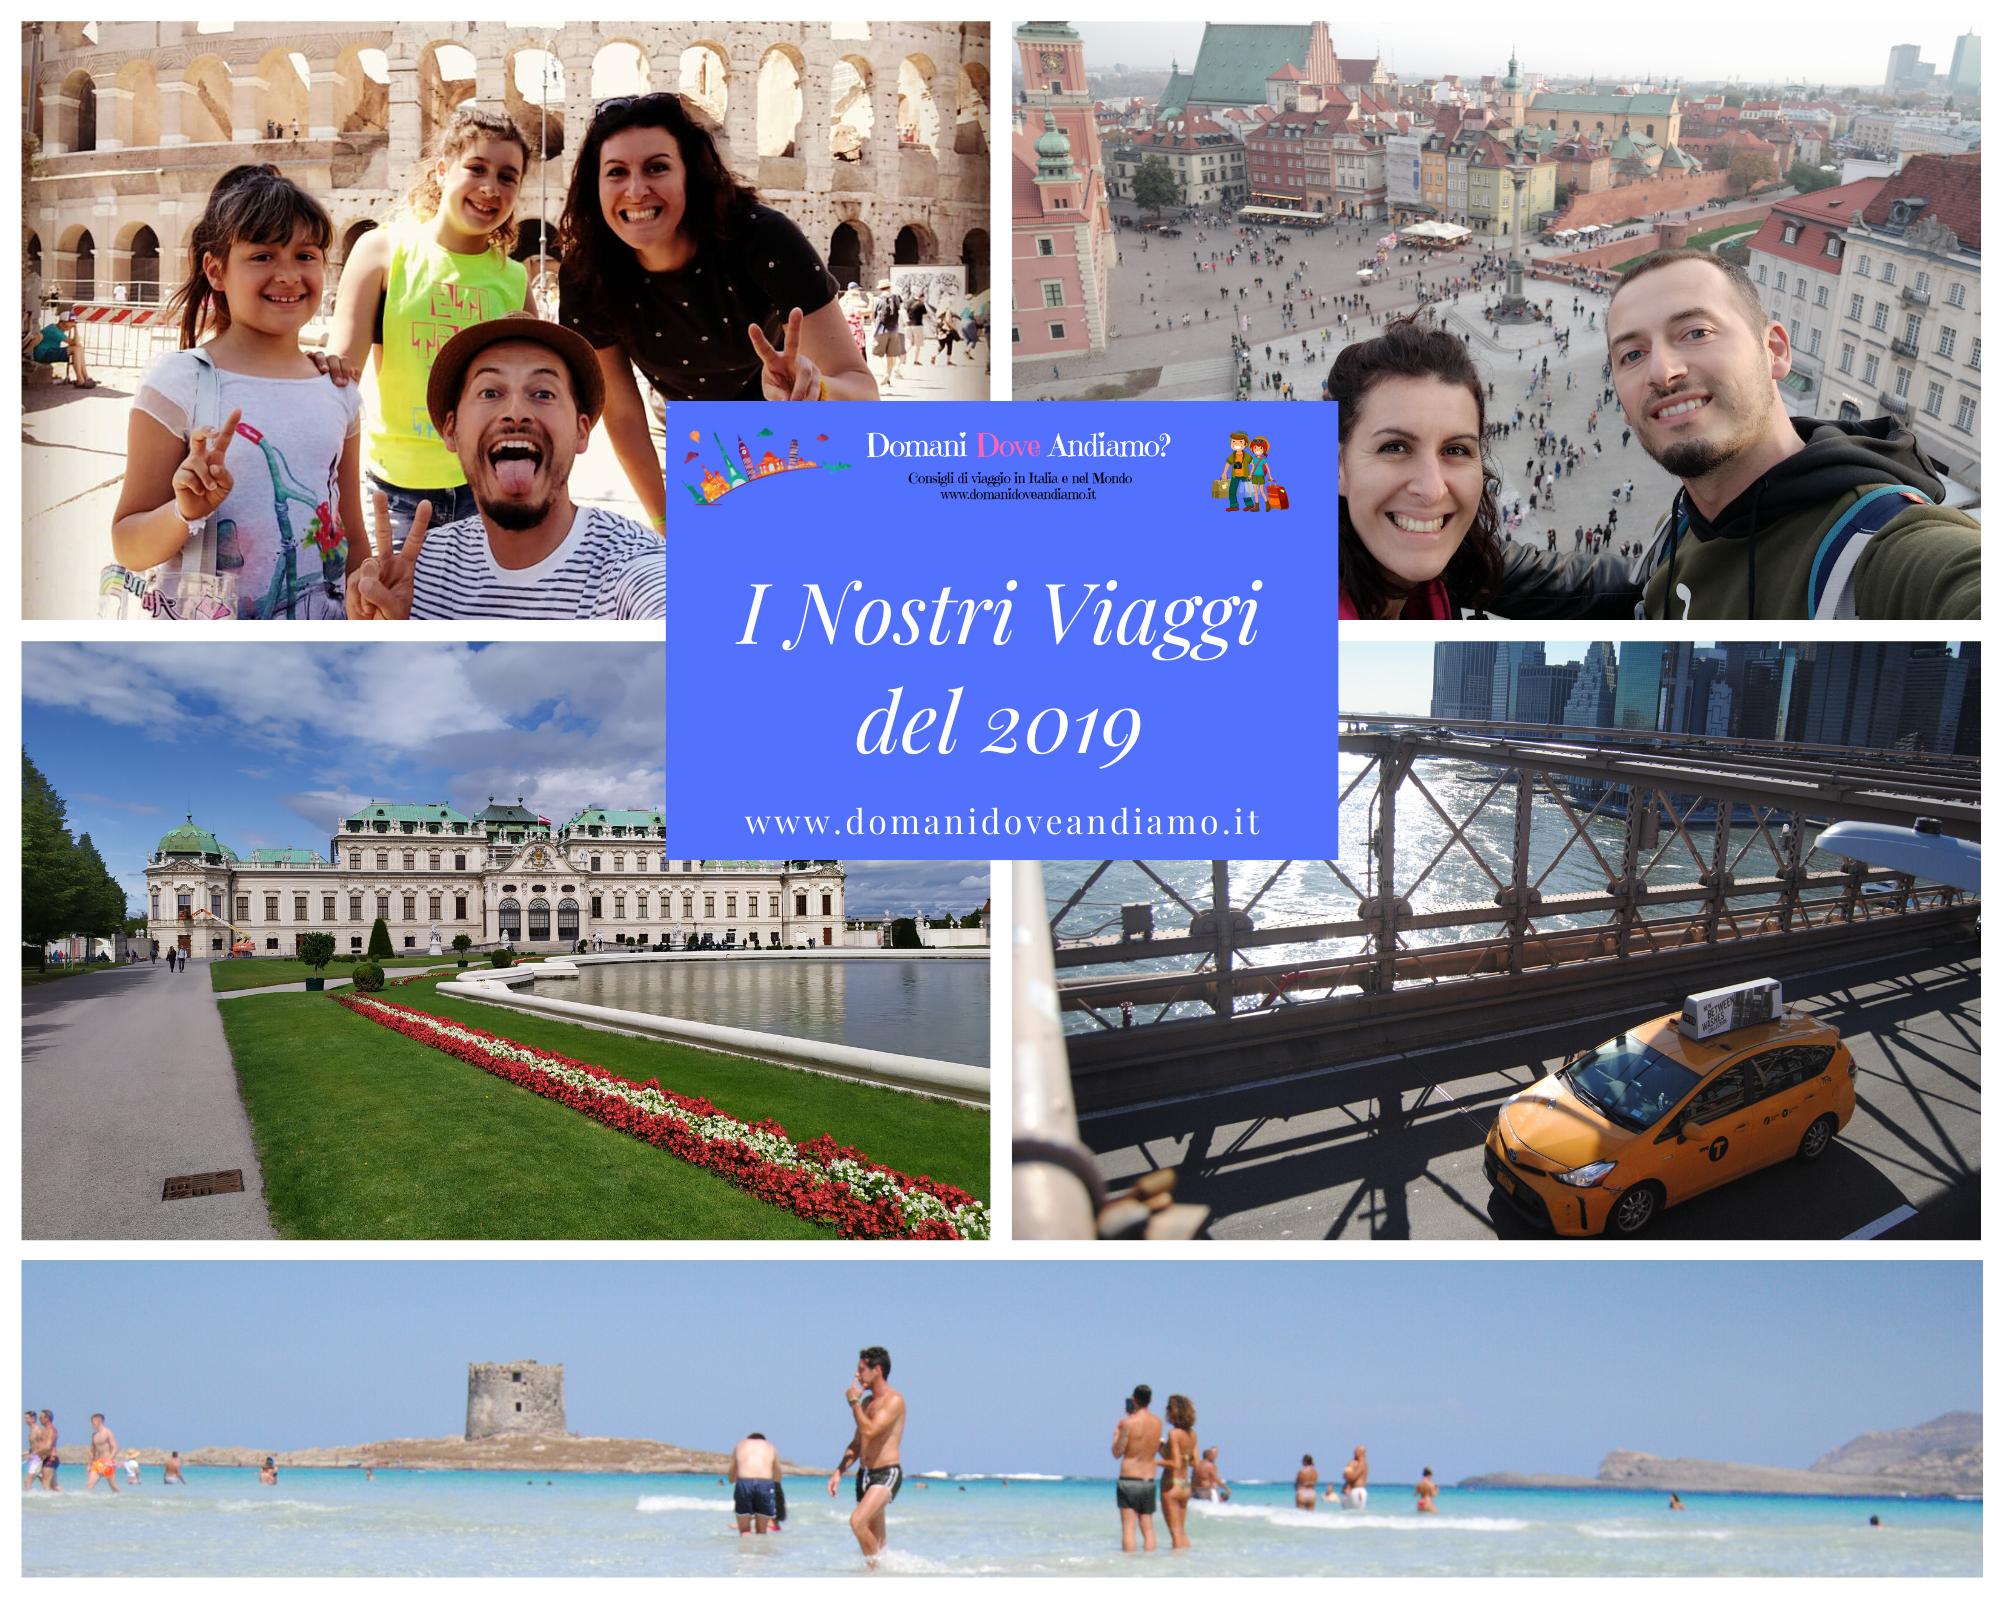 I Nostri Viaggi del 2019